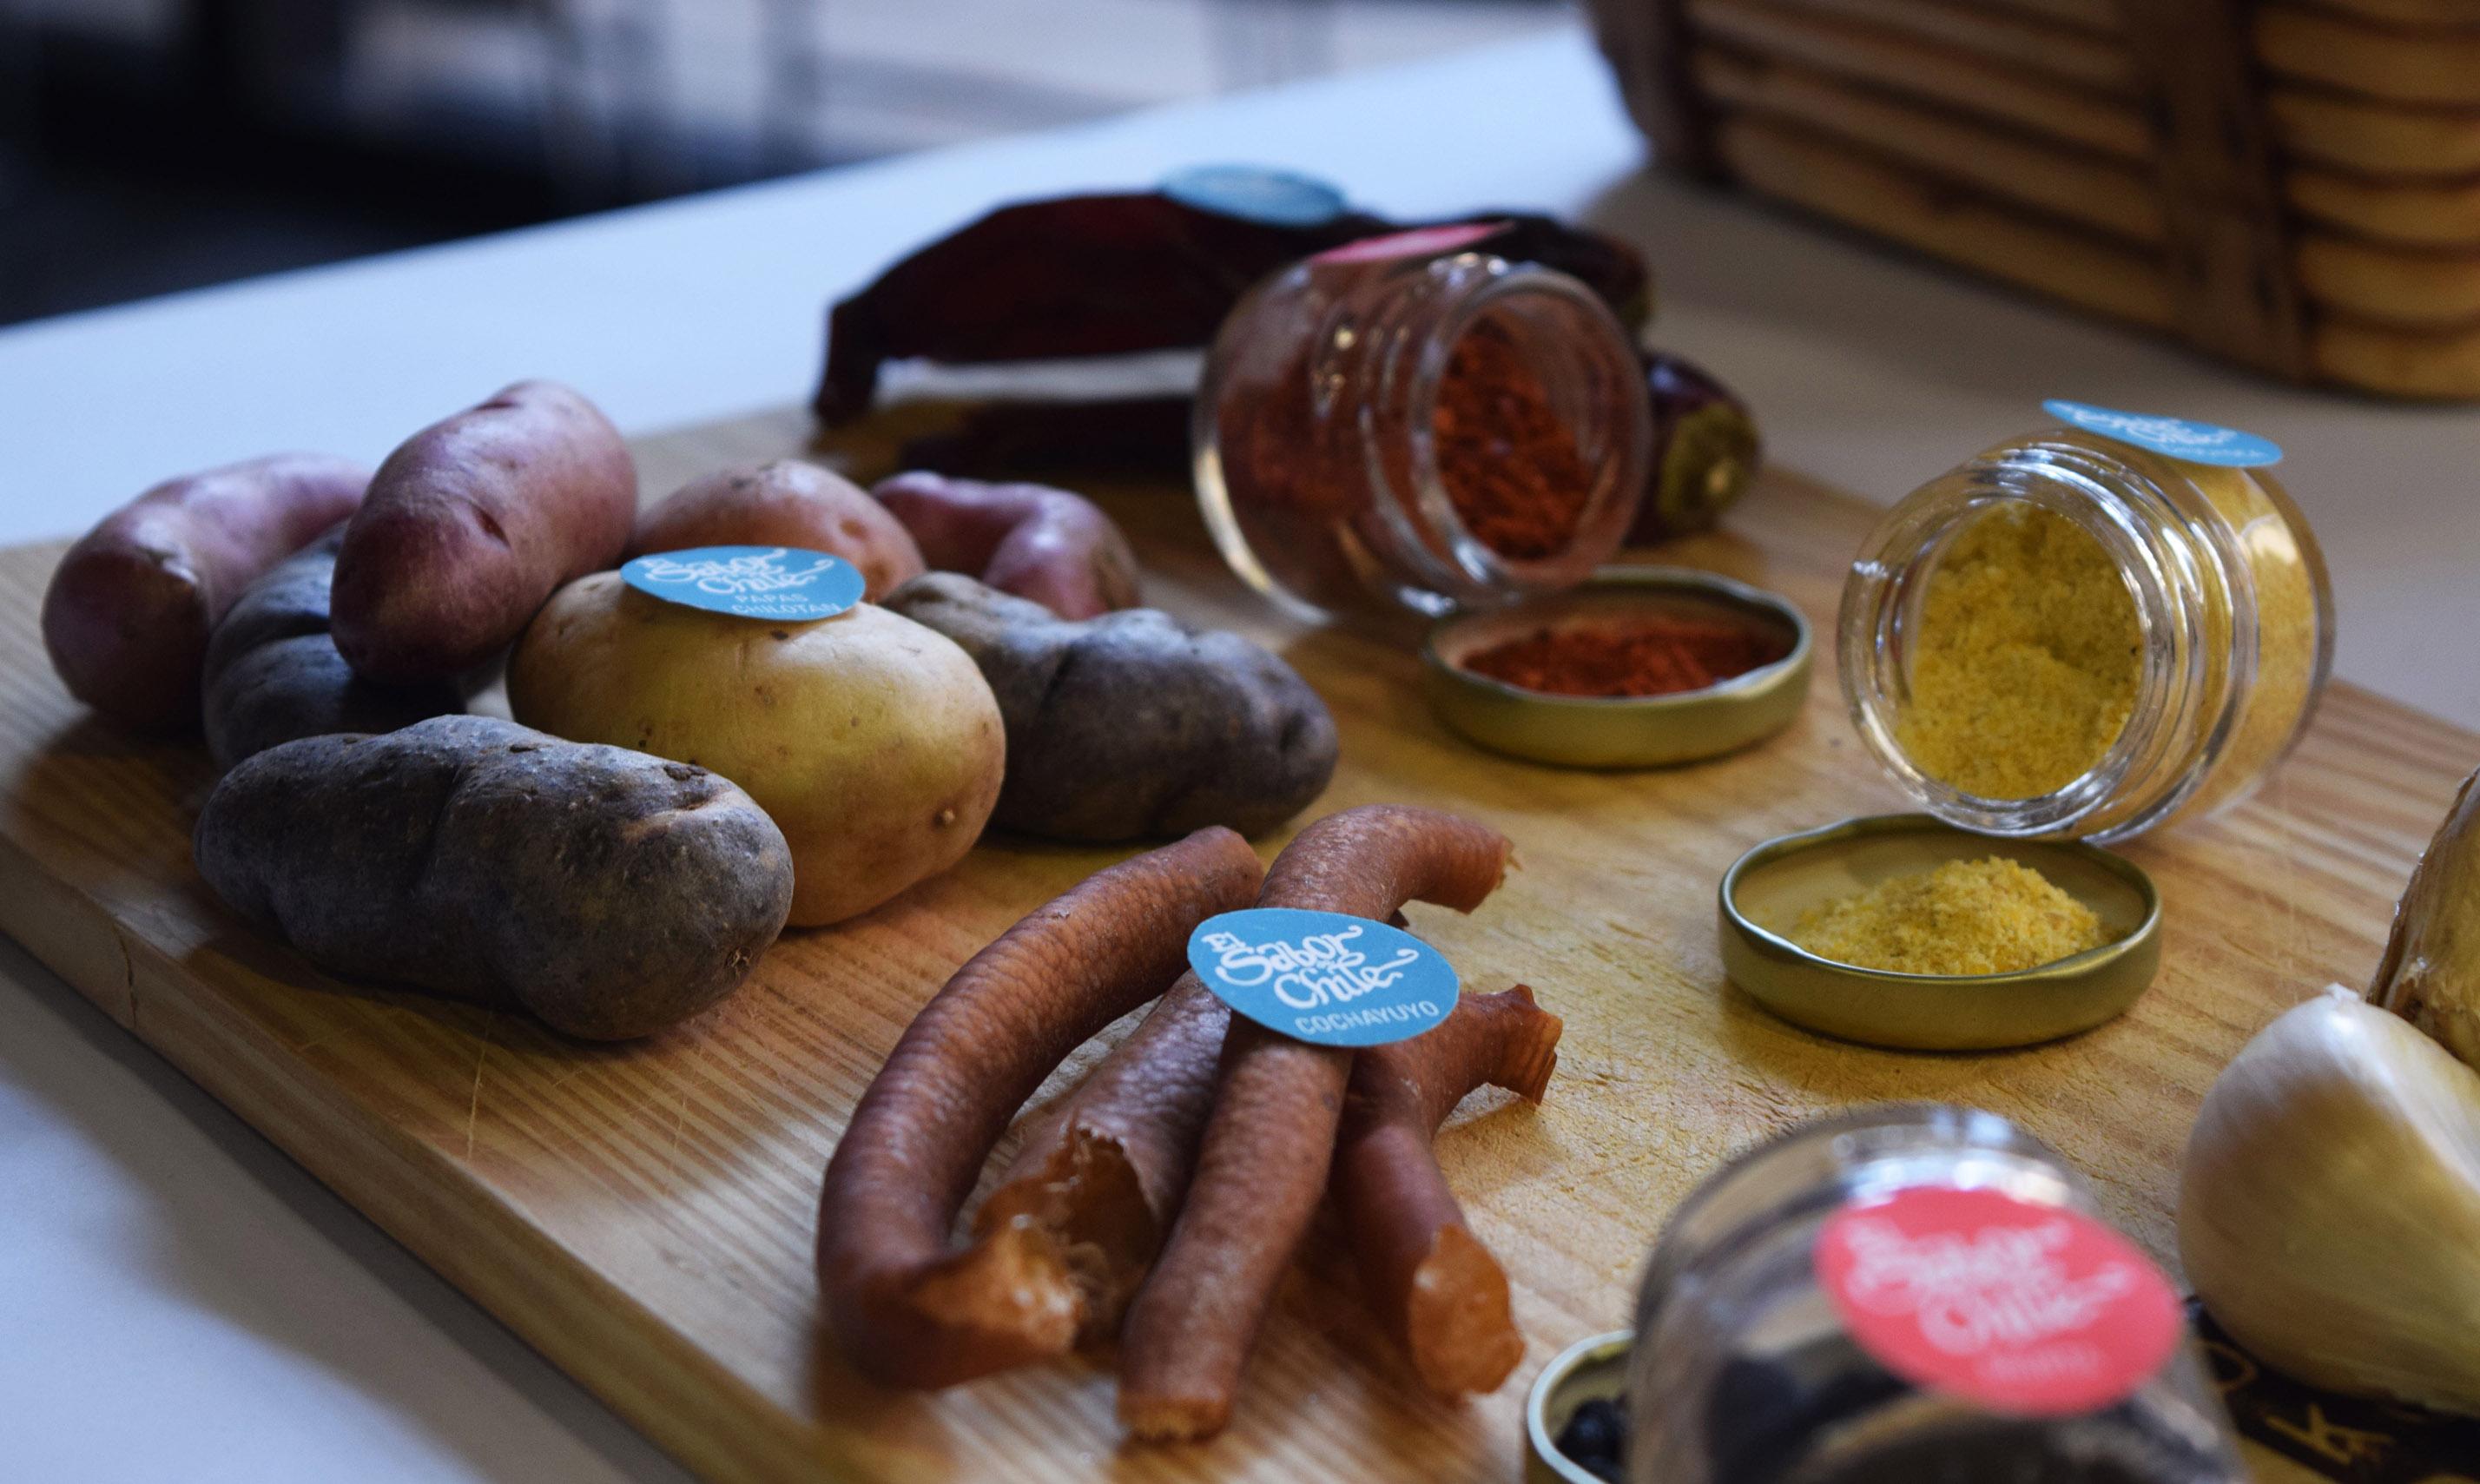 Alumnos chilenos y extranjeros crean 13 innovaciones en alimentos